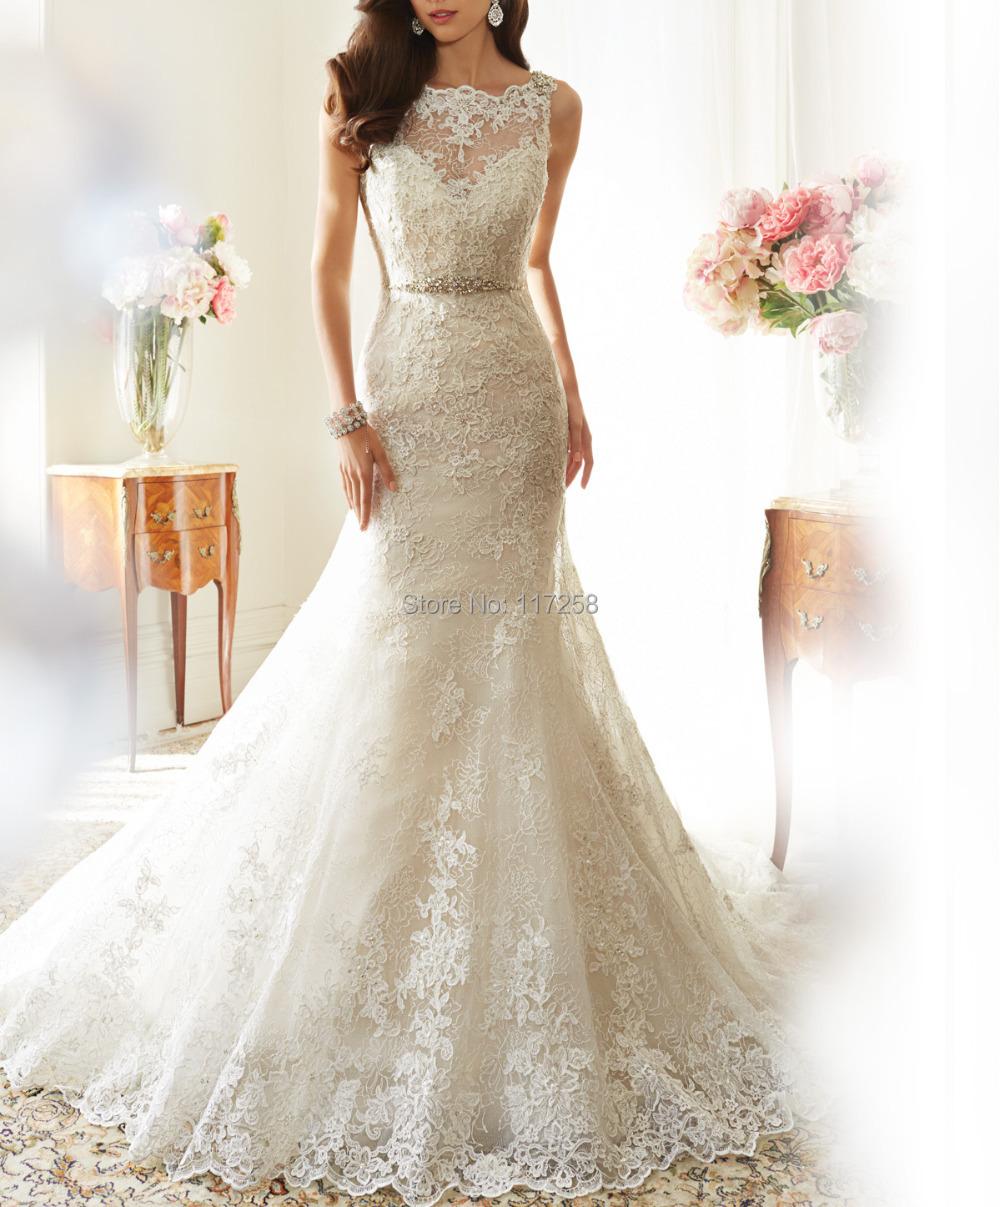 European Brides Services Tiffany Teen Free Prono